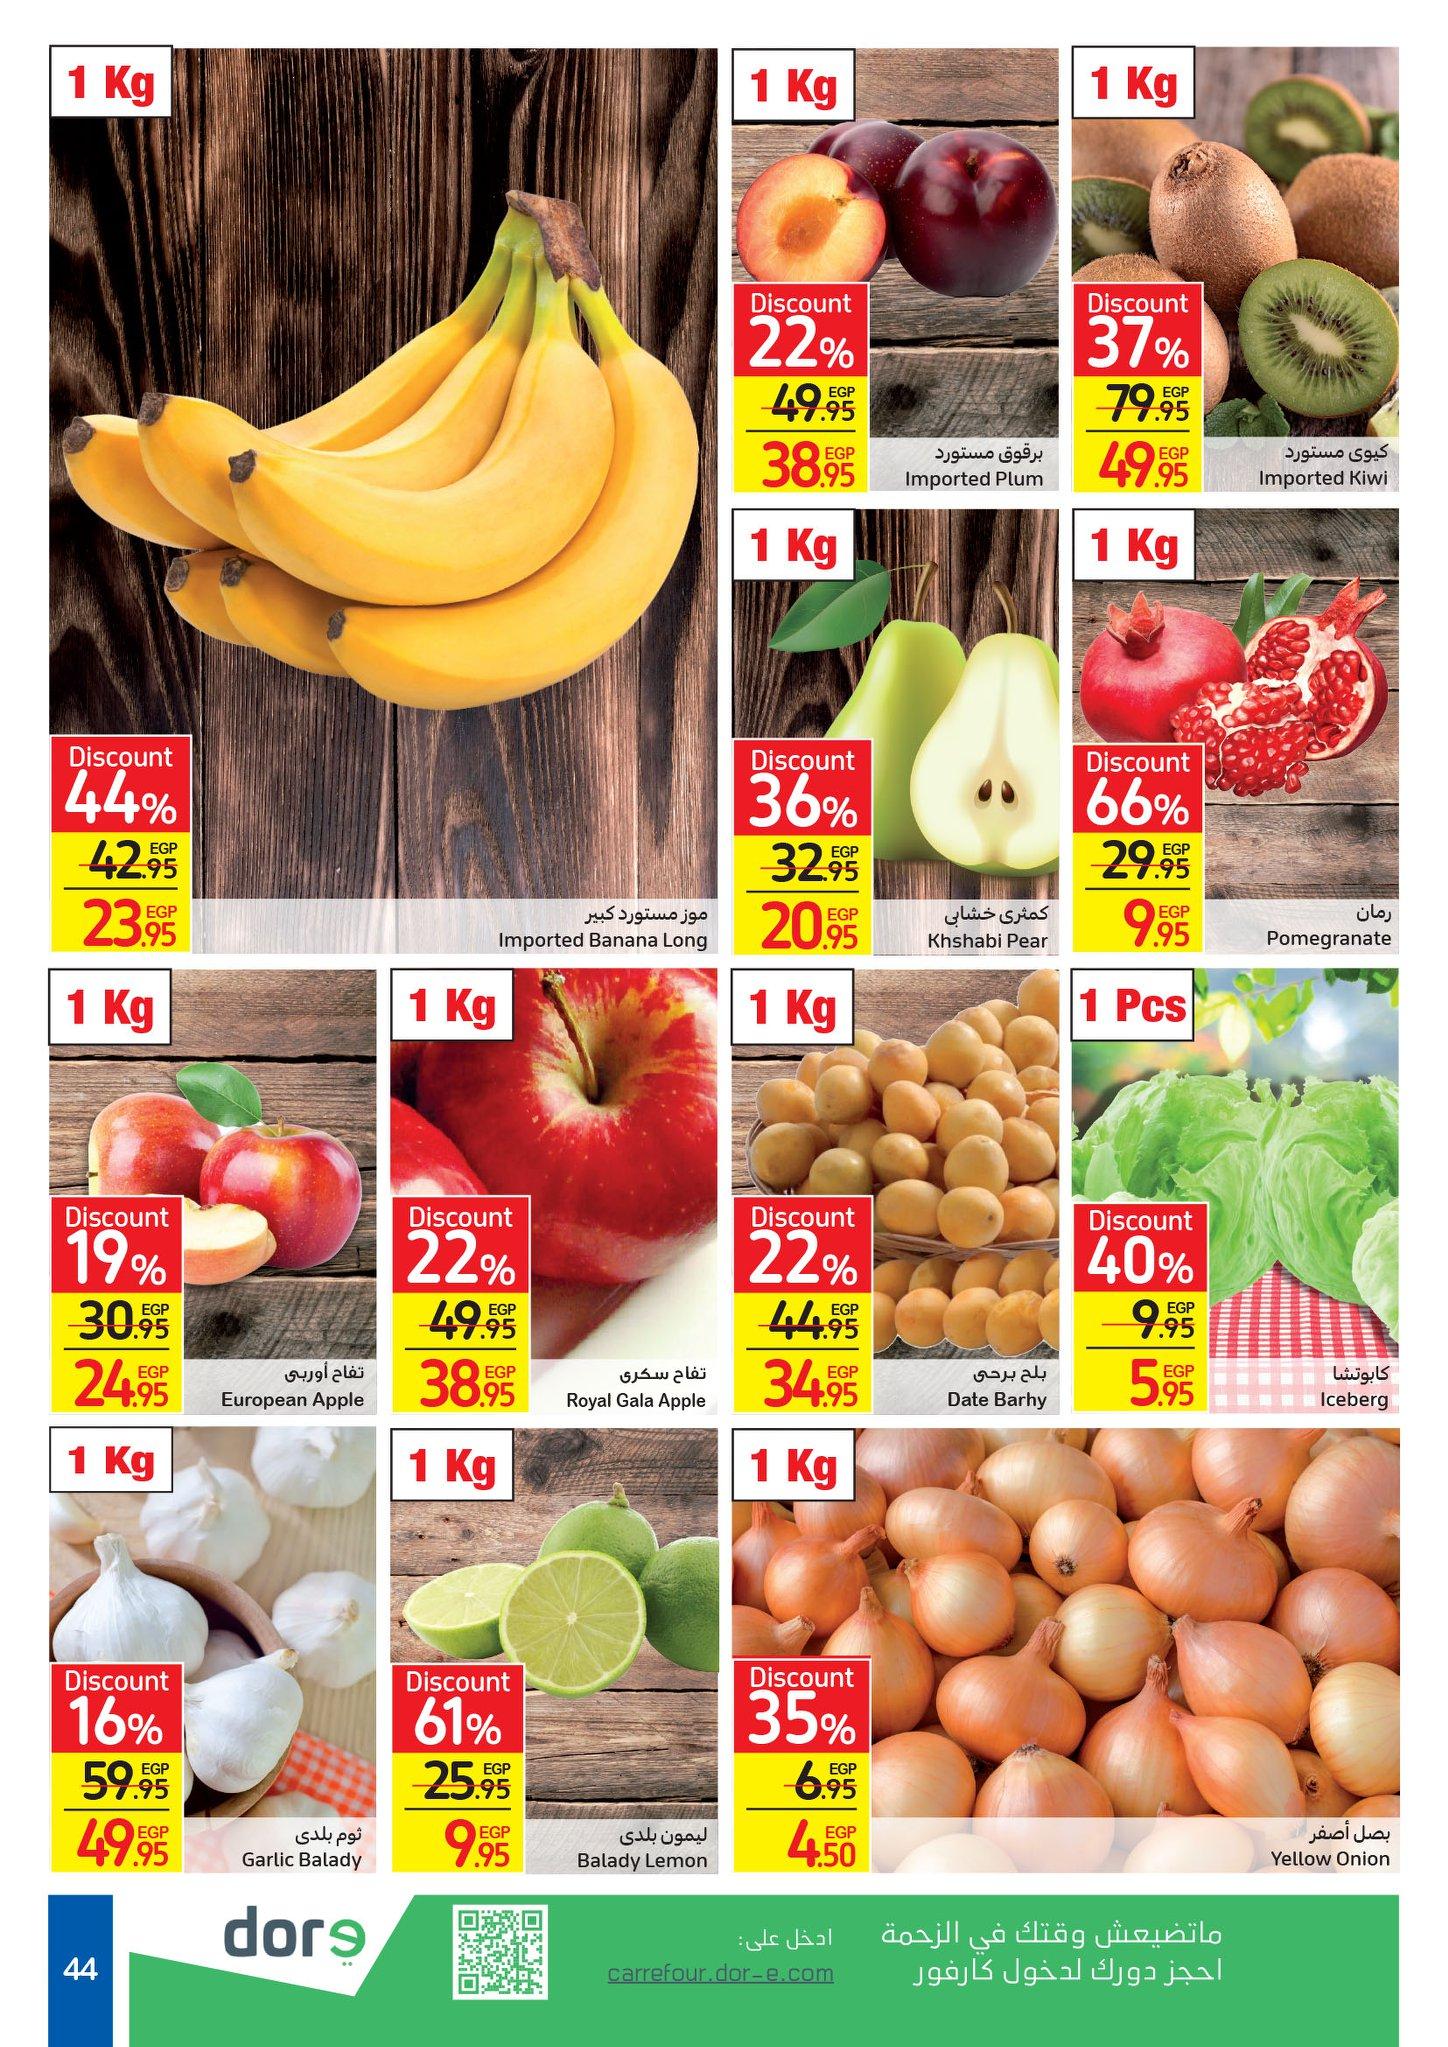 عروض كارفور اليوم علي الفاكهة والخضراوات